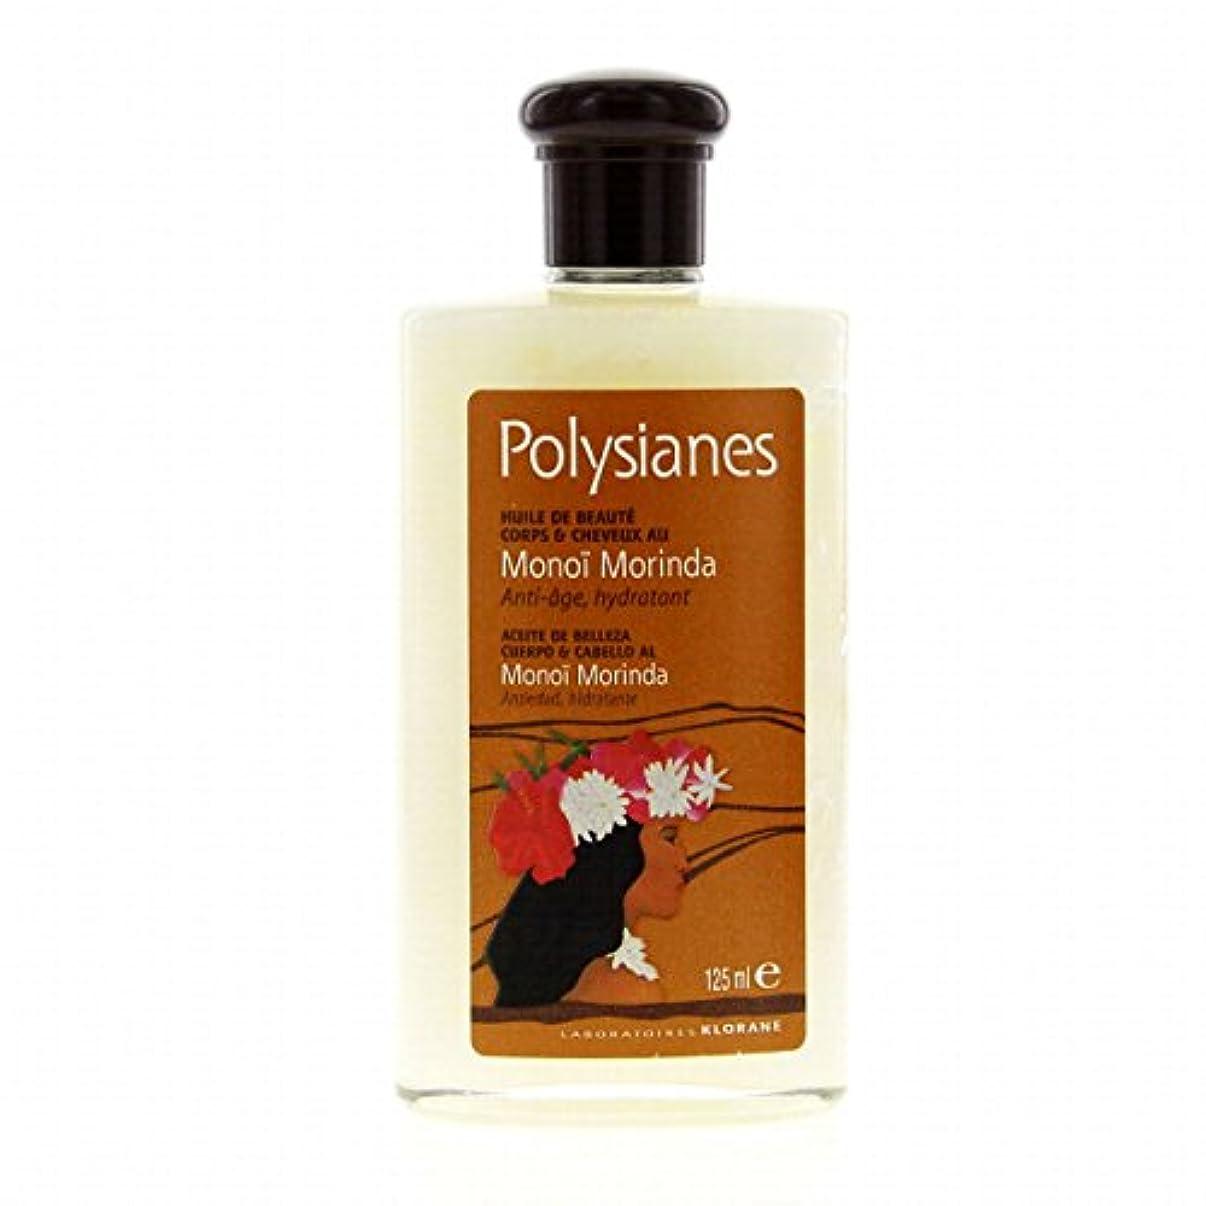 イソギンチャク局メダルPolysianes Beauty Oil With Morinda Mono Body And Hair 125ml [並行輸入品]